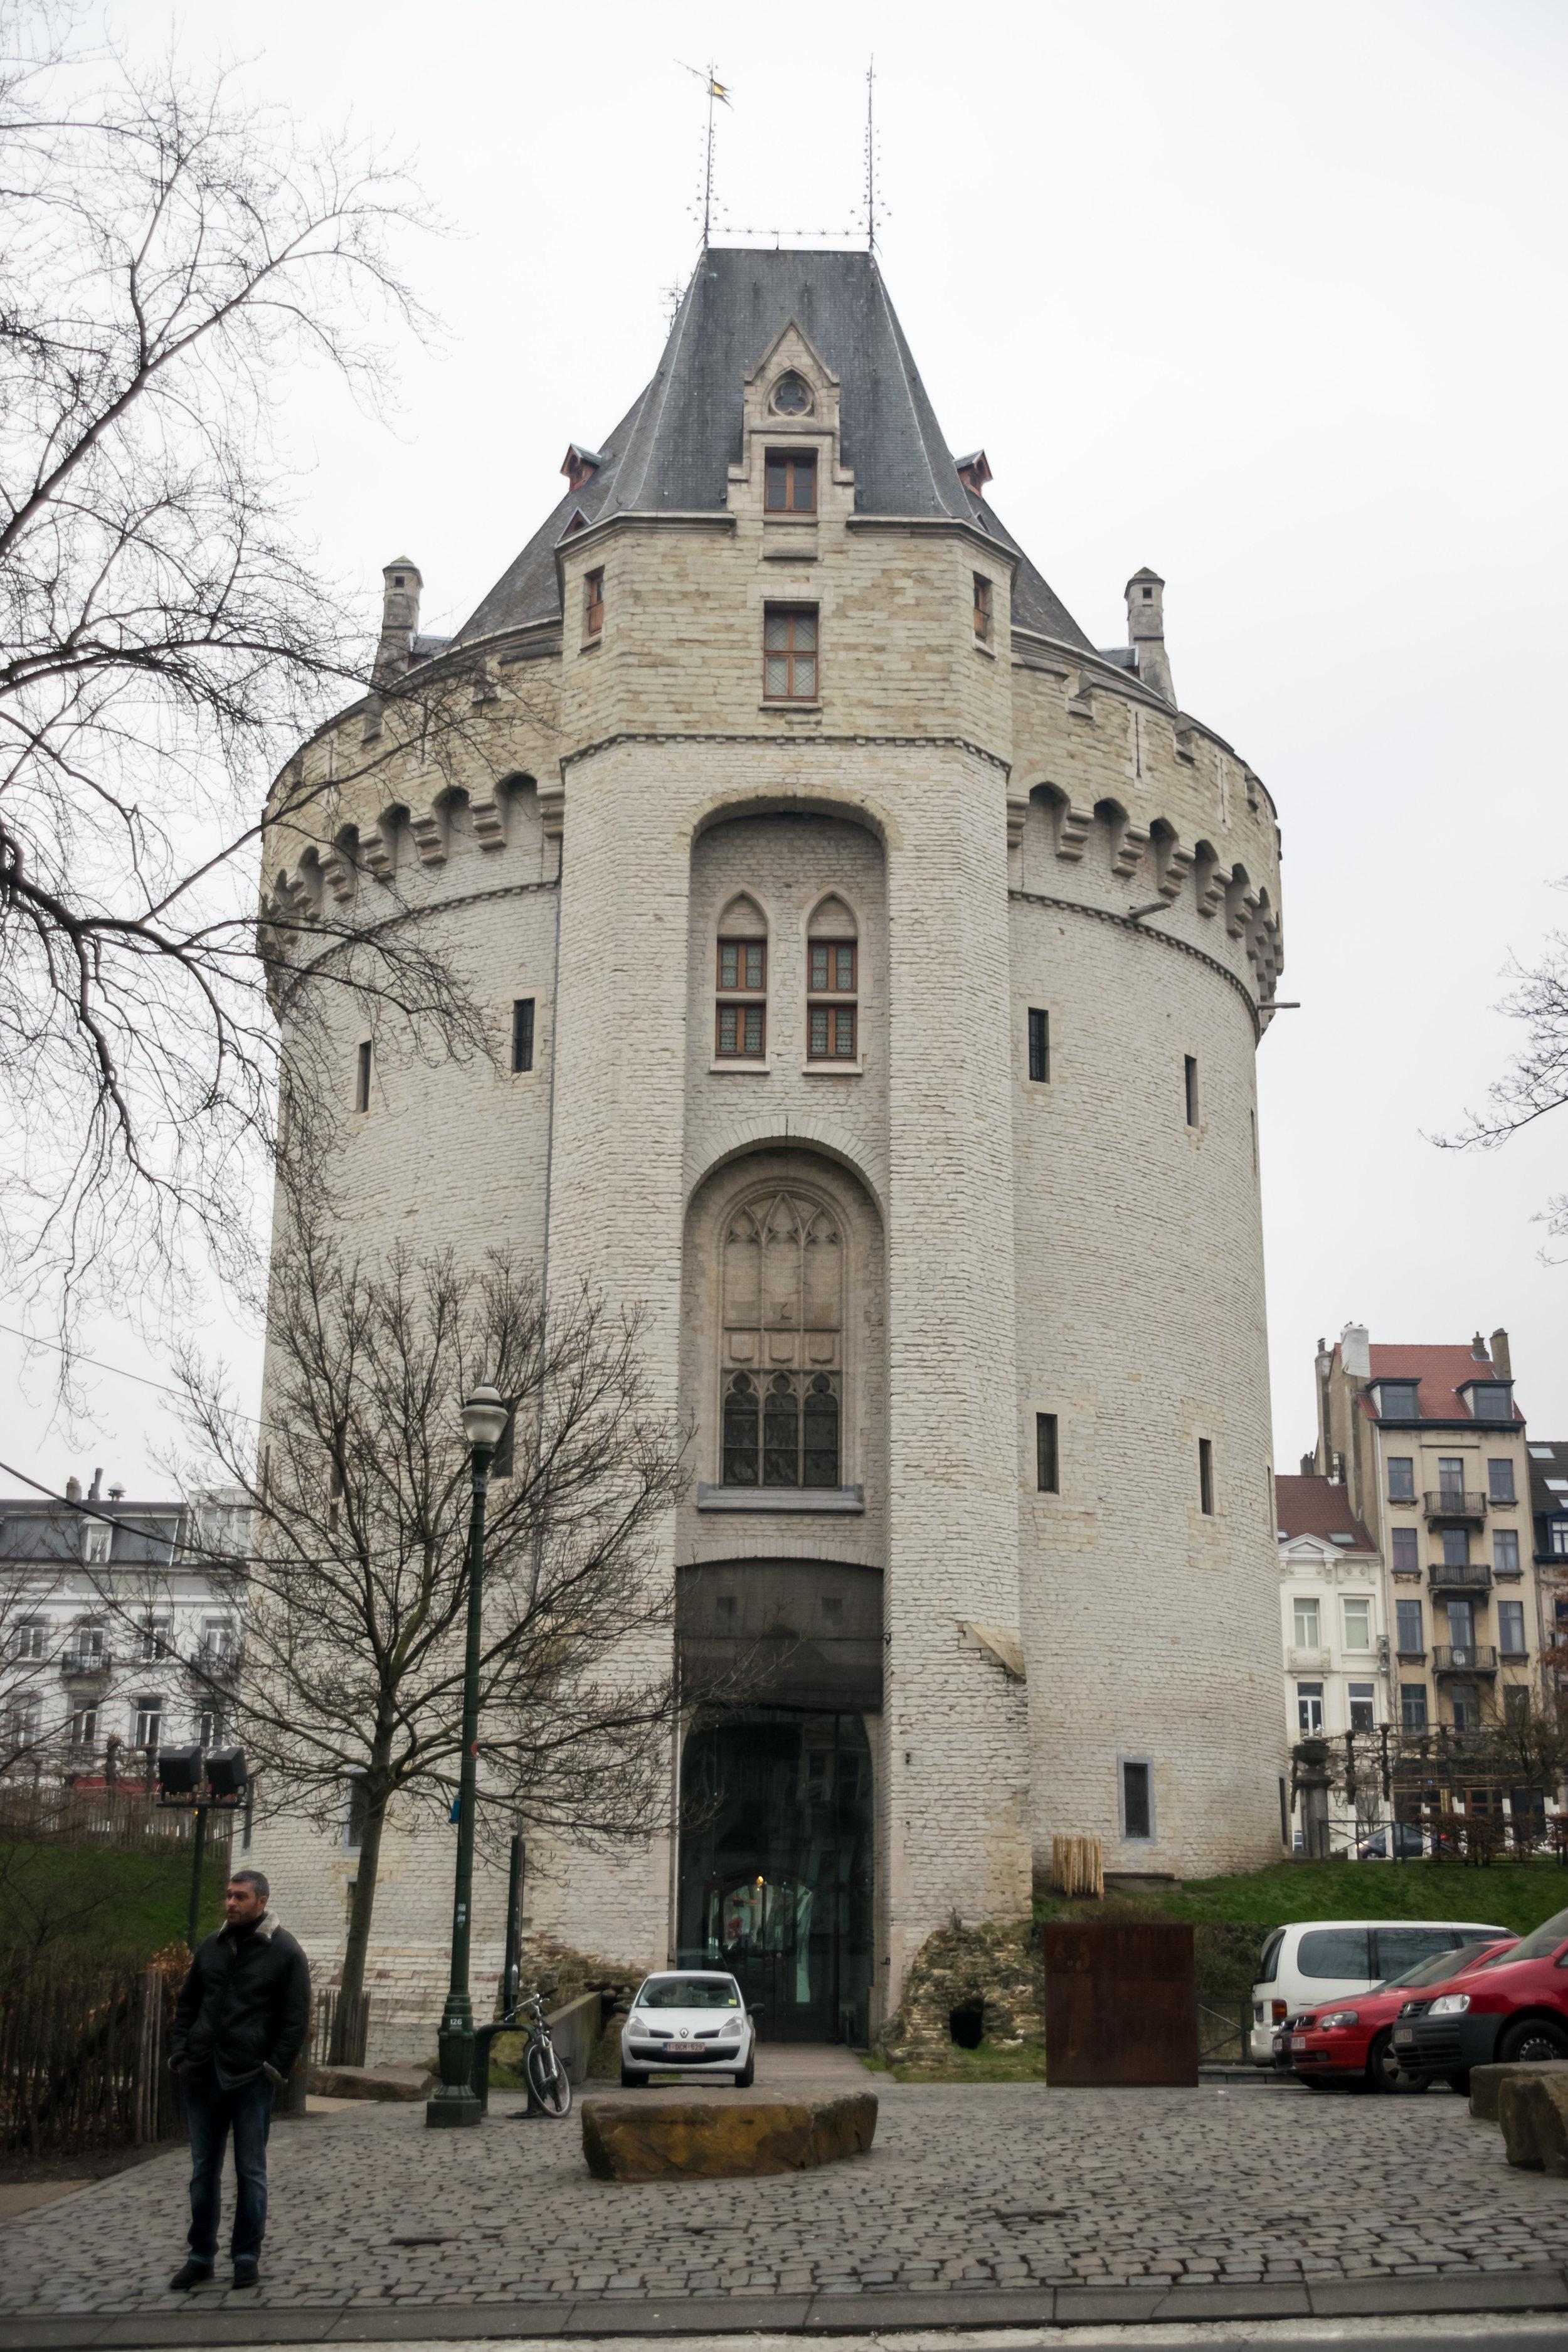 Halle Gate